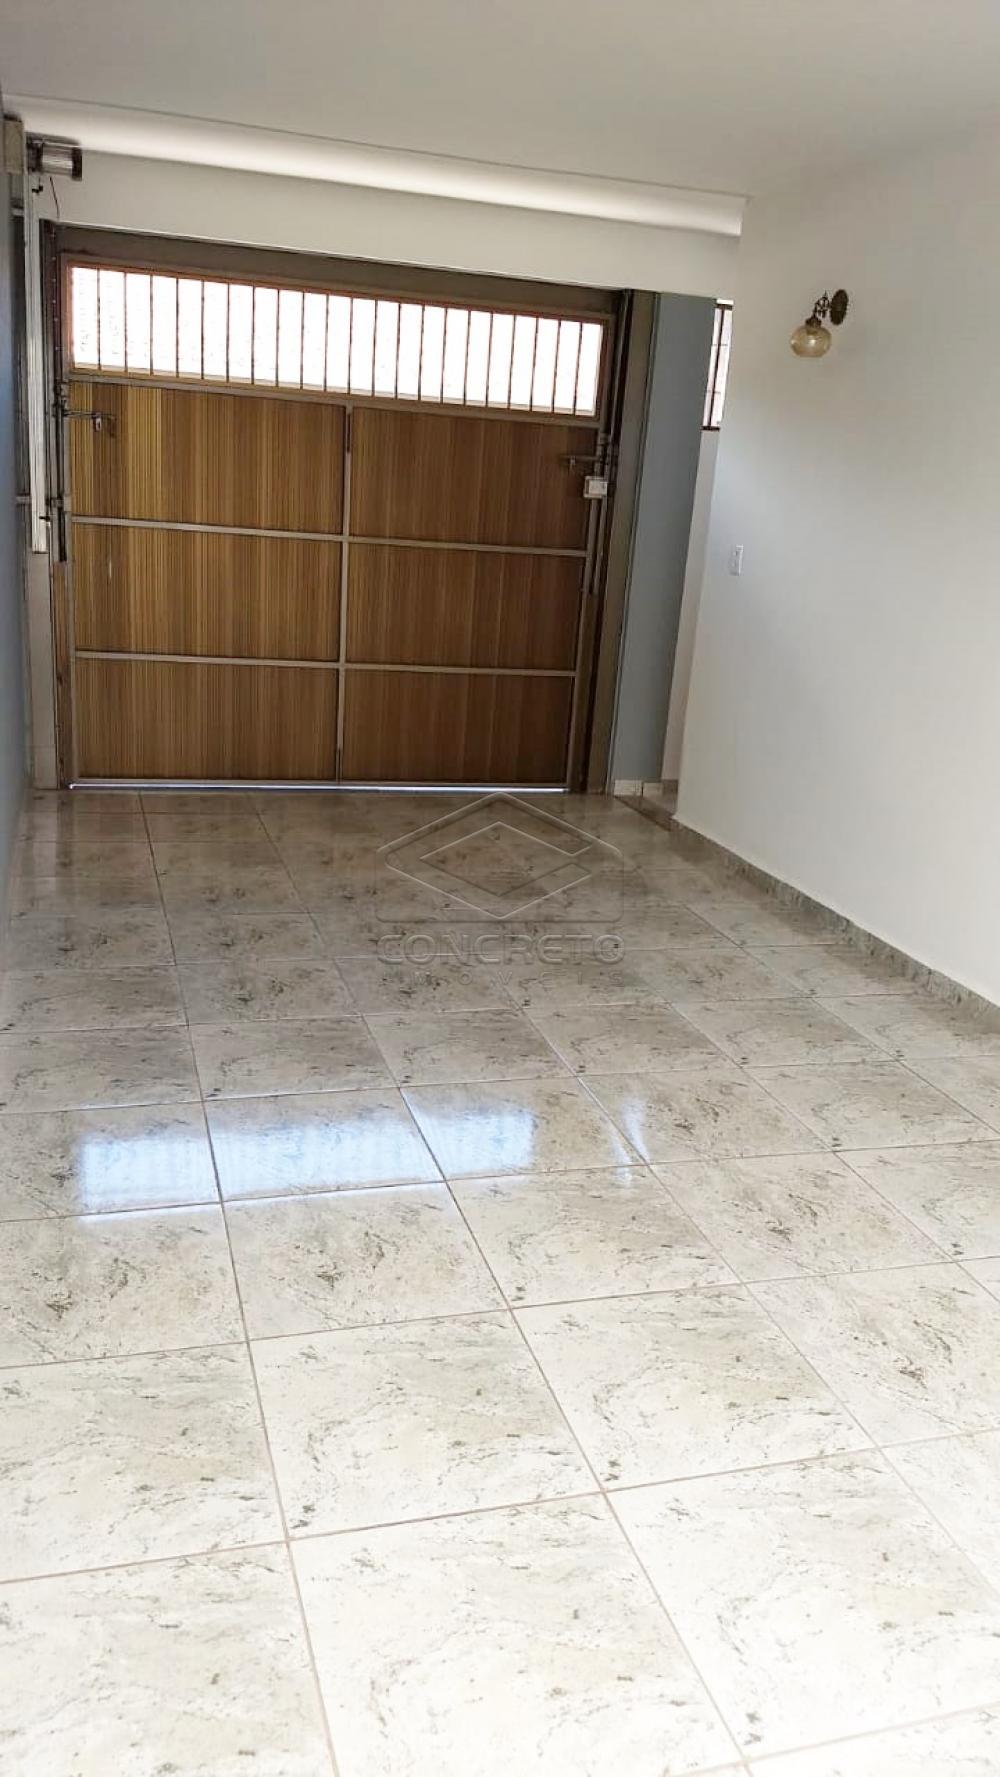 Comprar Casa / Residencia em Jaú apenas R$ 305.000,00 - Foto 2